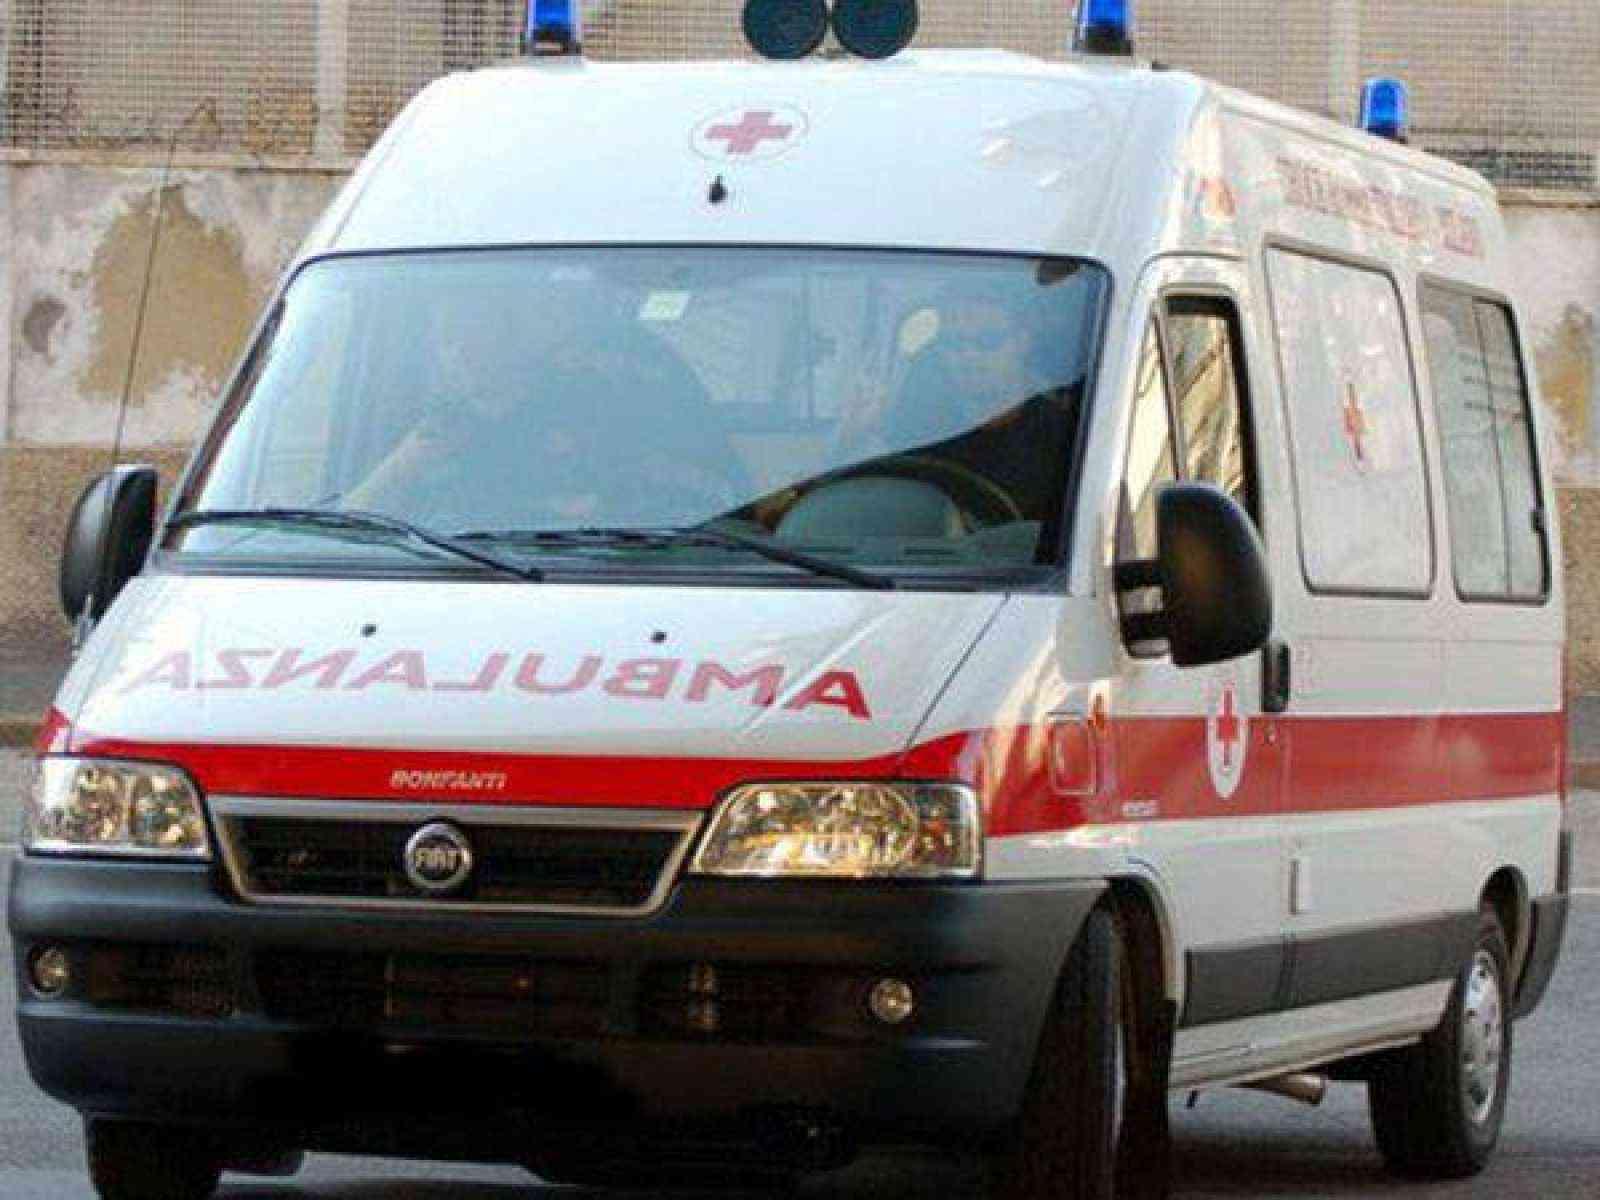 Immagine articolo: Il Vice sindaco di Menfi chiede la rimedicalizzazione dell'ambulanza del 118. Disponibilità del Commissario Venuti